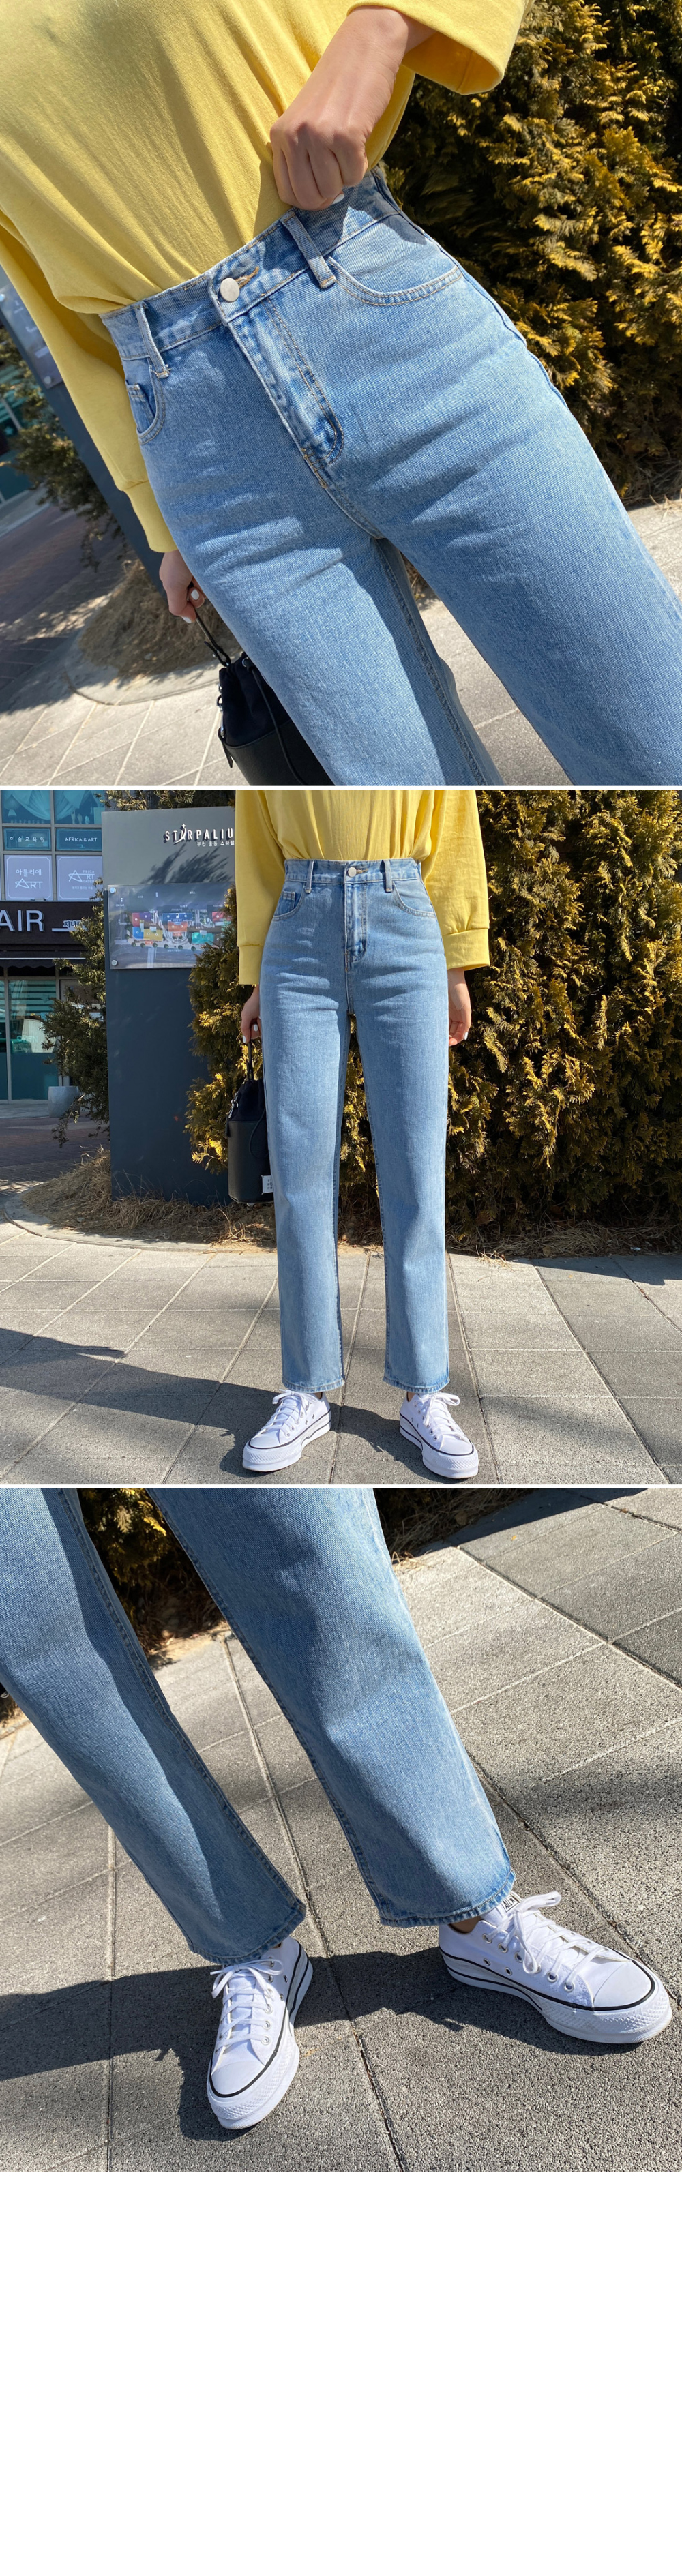 악세사리 모델 착용 이미지-S1L5